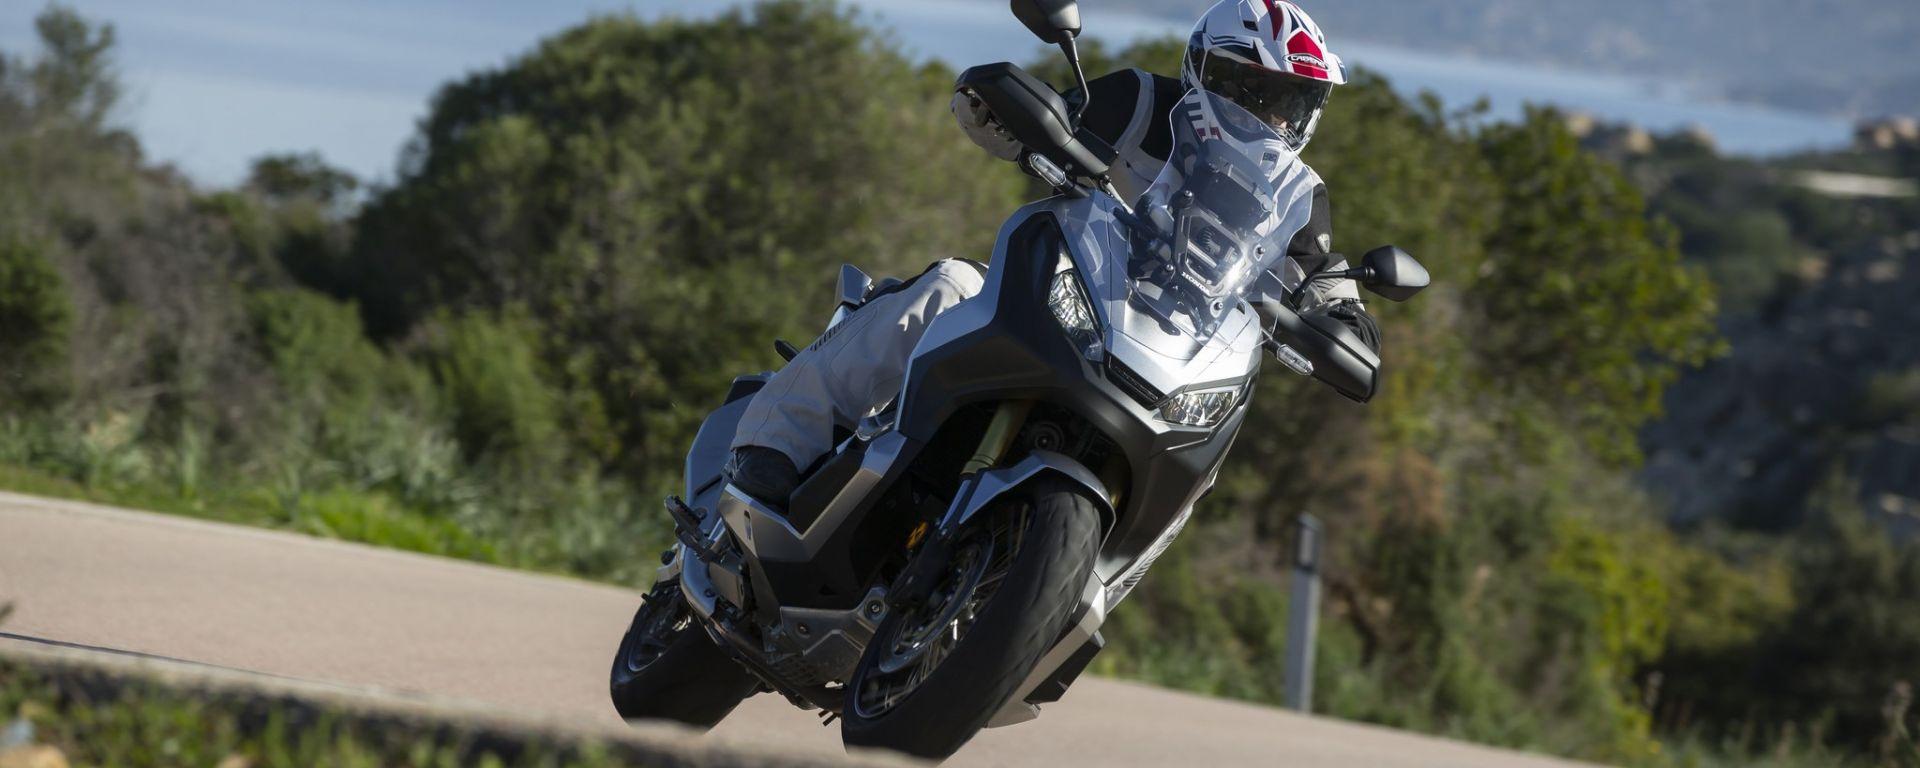 Honda X-ADV: prova, caratteristiche e prezzo [VIDEO]